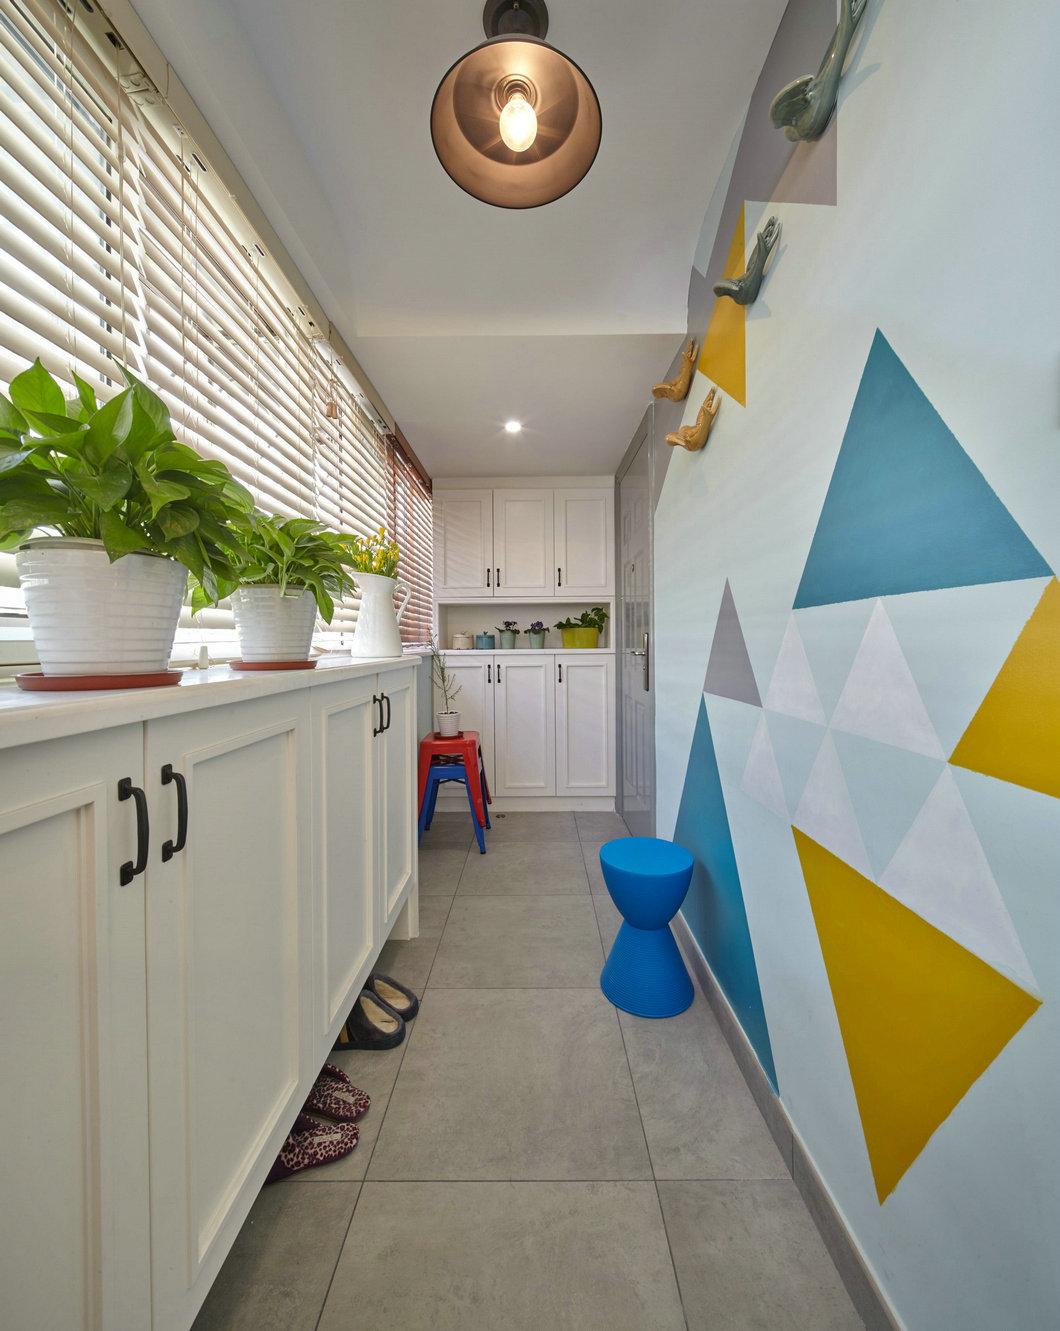 kitchen wall art nook curtains 现代风格艺术清新厨房背景墙设计 收藏